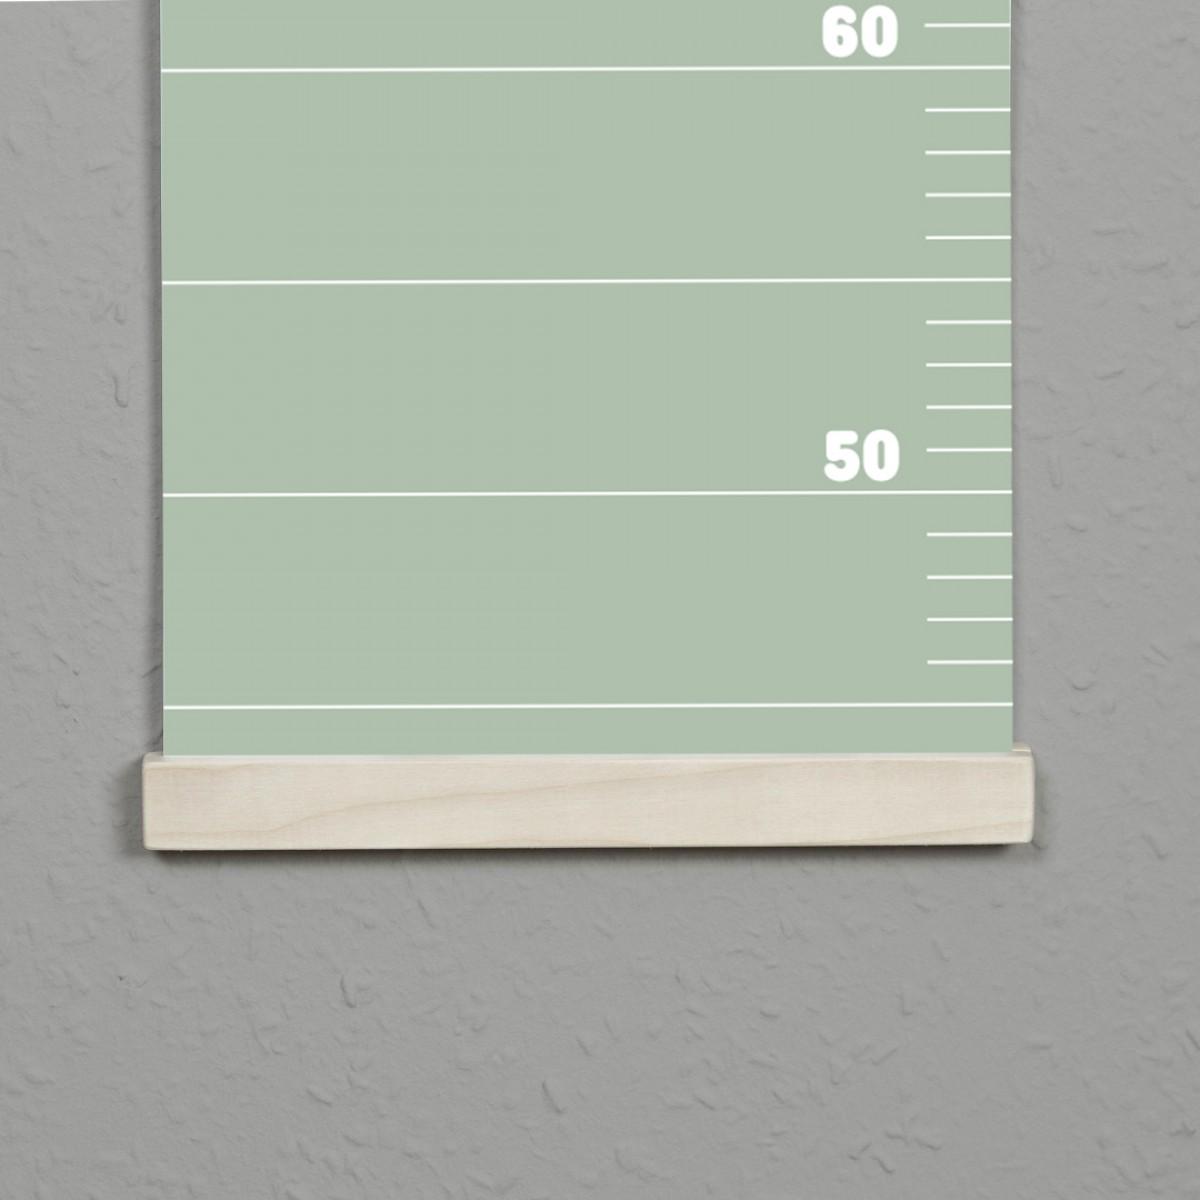 punktkommastrich - Posterleiste / Bilderleiste / magnetische Bilderleiste / Aufhängung für Messlatte im Kinderzimmer